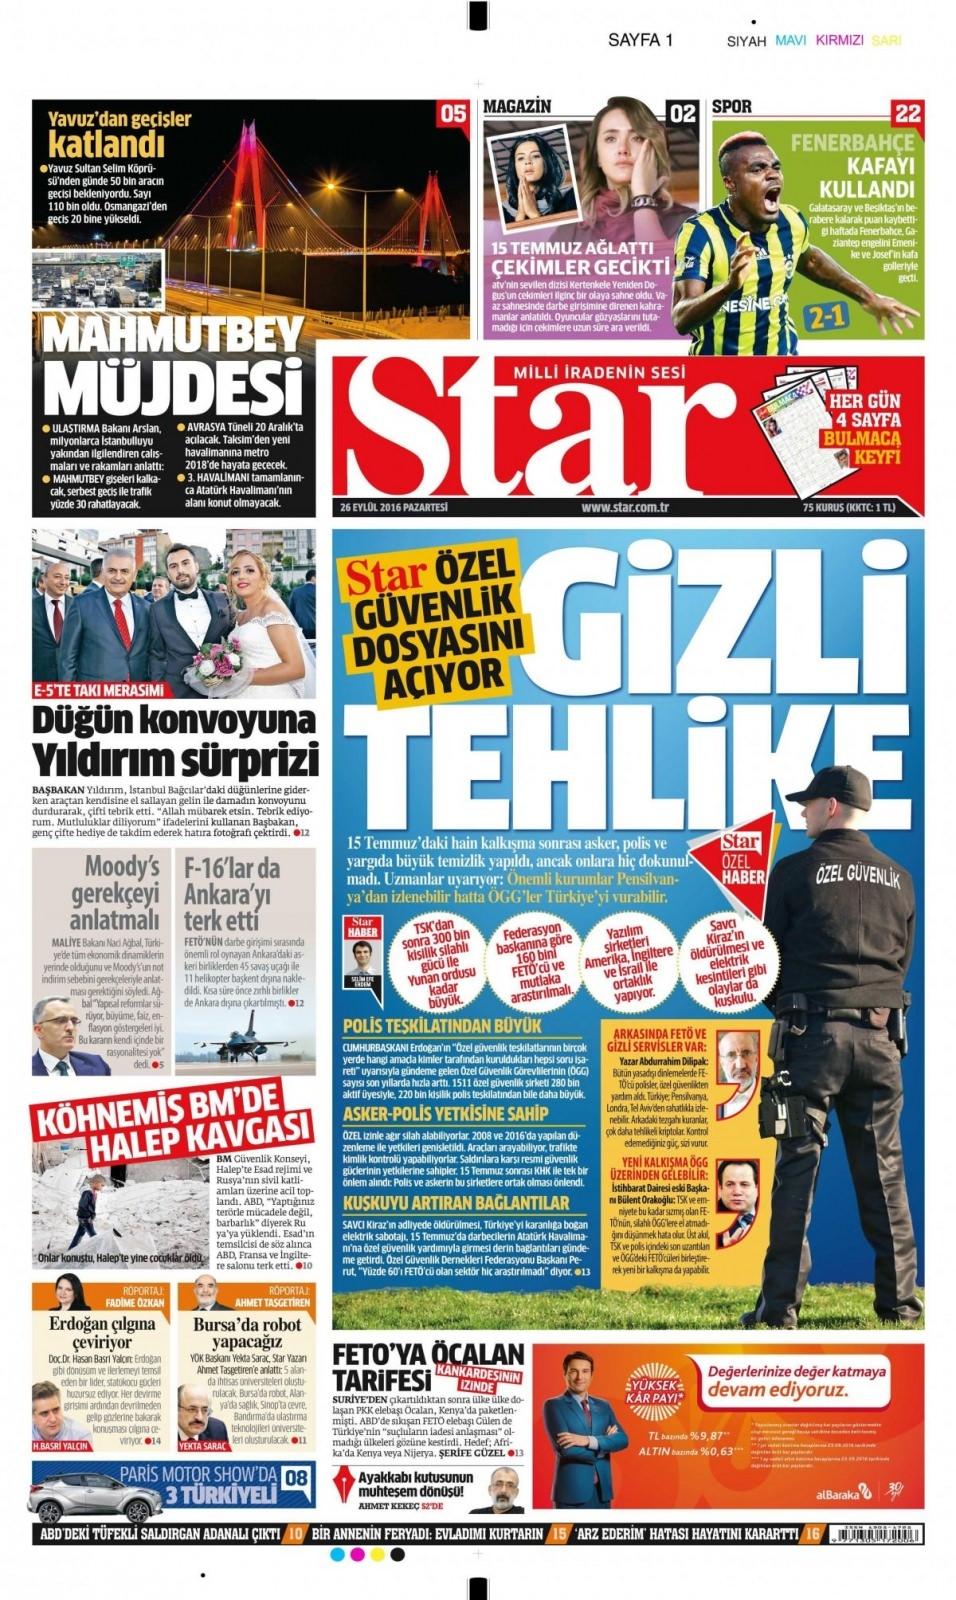 26 Eylül Pazartesi gazete manşetleri 1